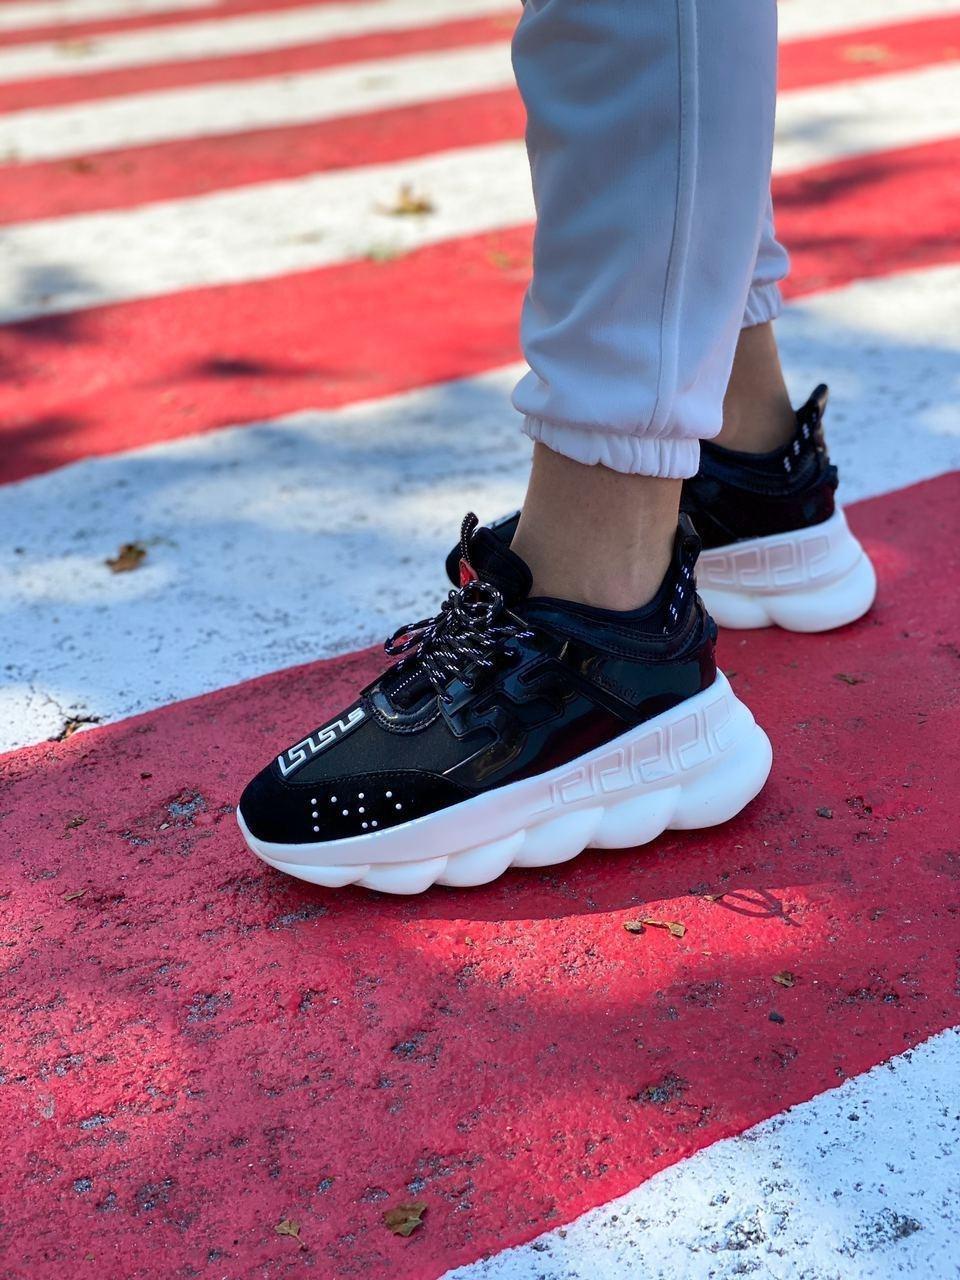 Versace Женские осенние черные текстильные кроссовки. Женские кроссовки на шнурках